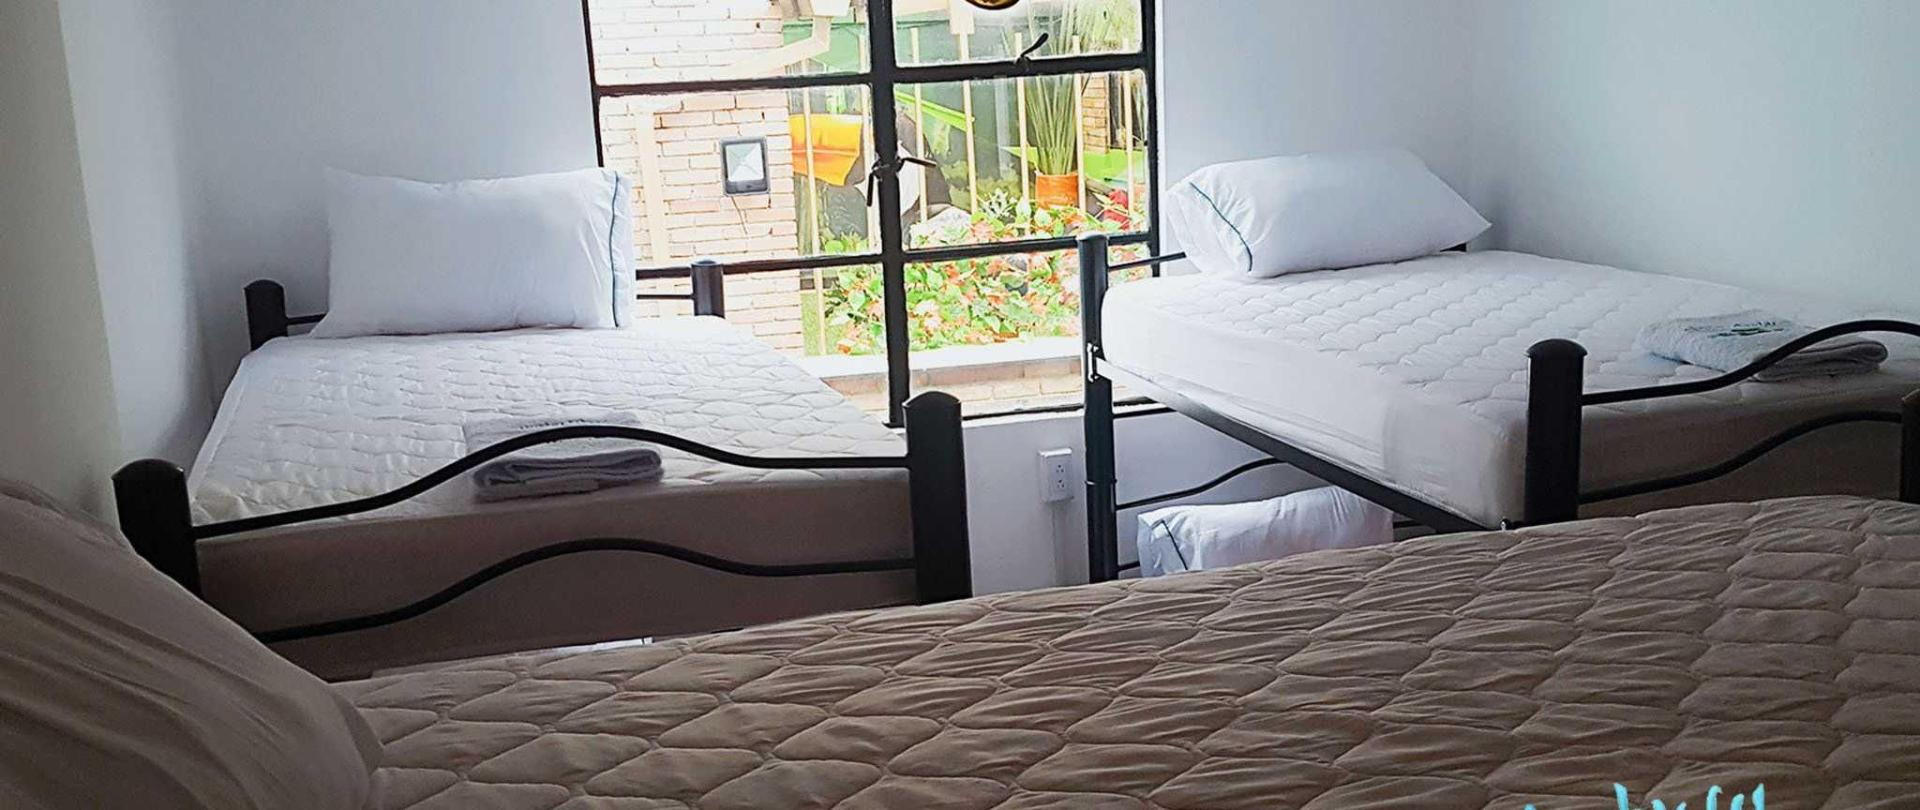 hostel-room-5.jpg